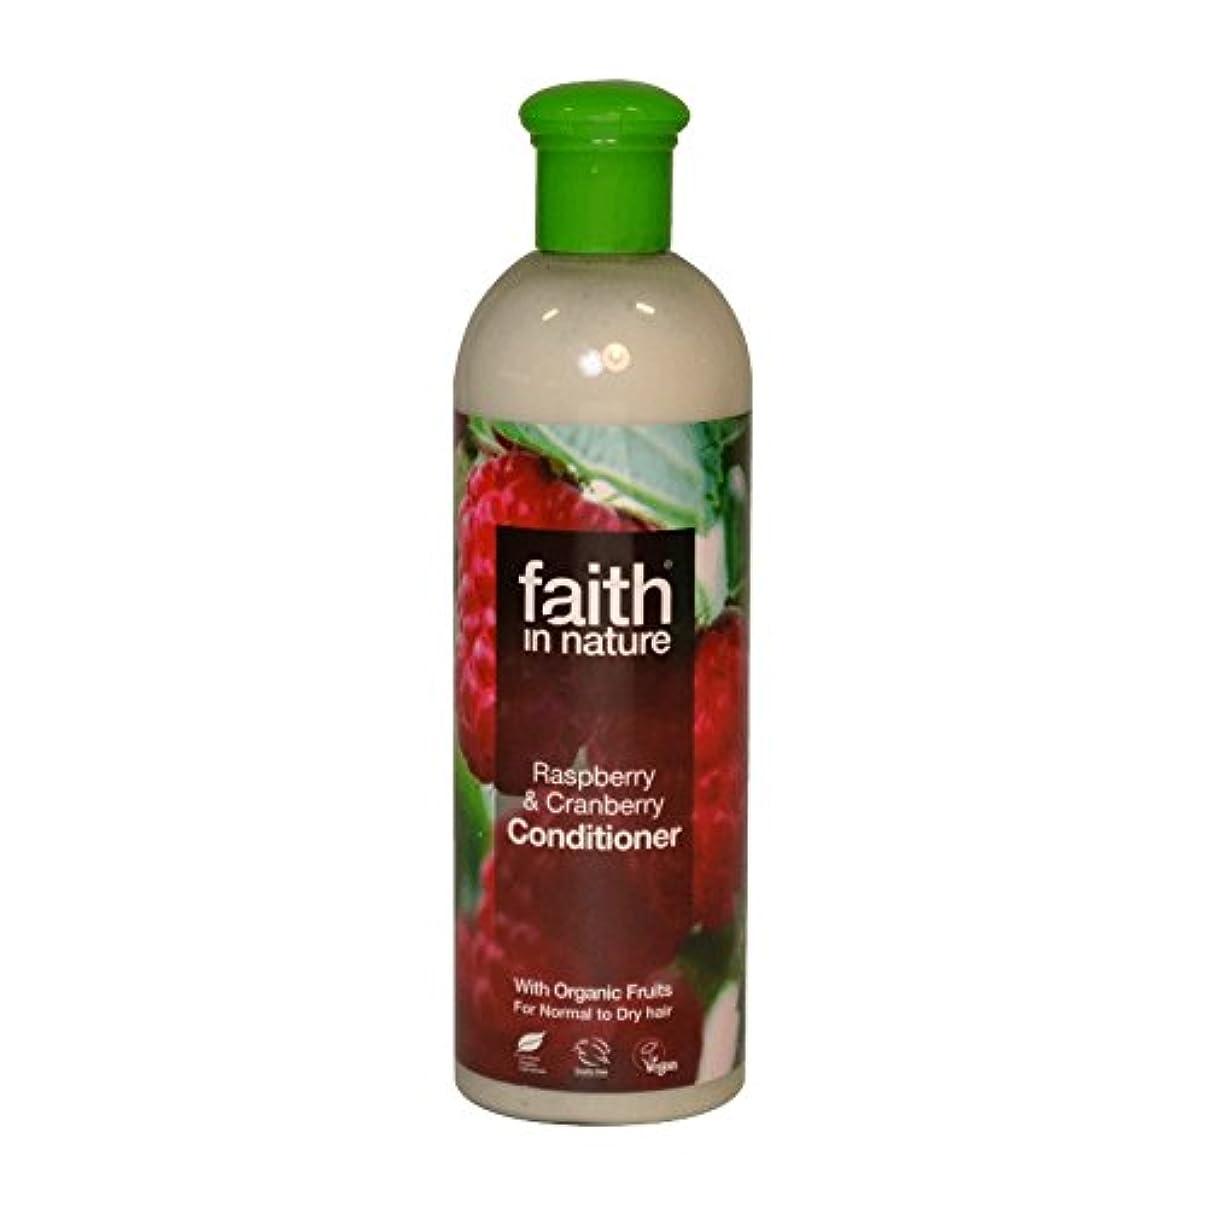 はねかける立法料理をする自然ラズベリー&クランベリーコンディショナー400ミリリットルの信仰 - Faith in Nature Raspberry & Cranberry Conditioner 400ml (Faith in Nature)...